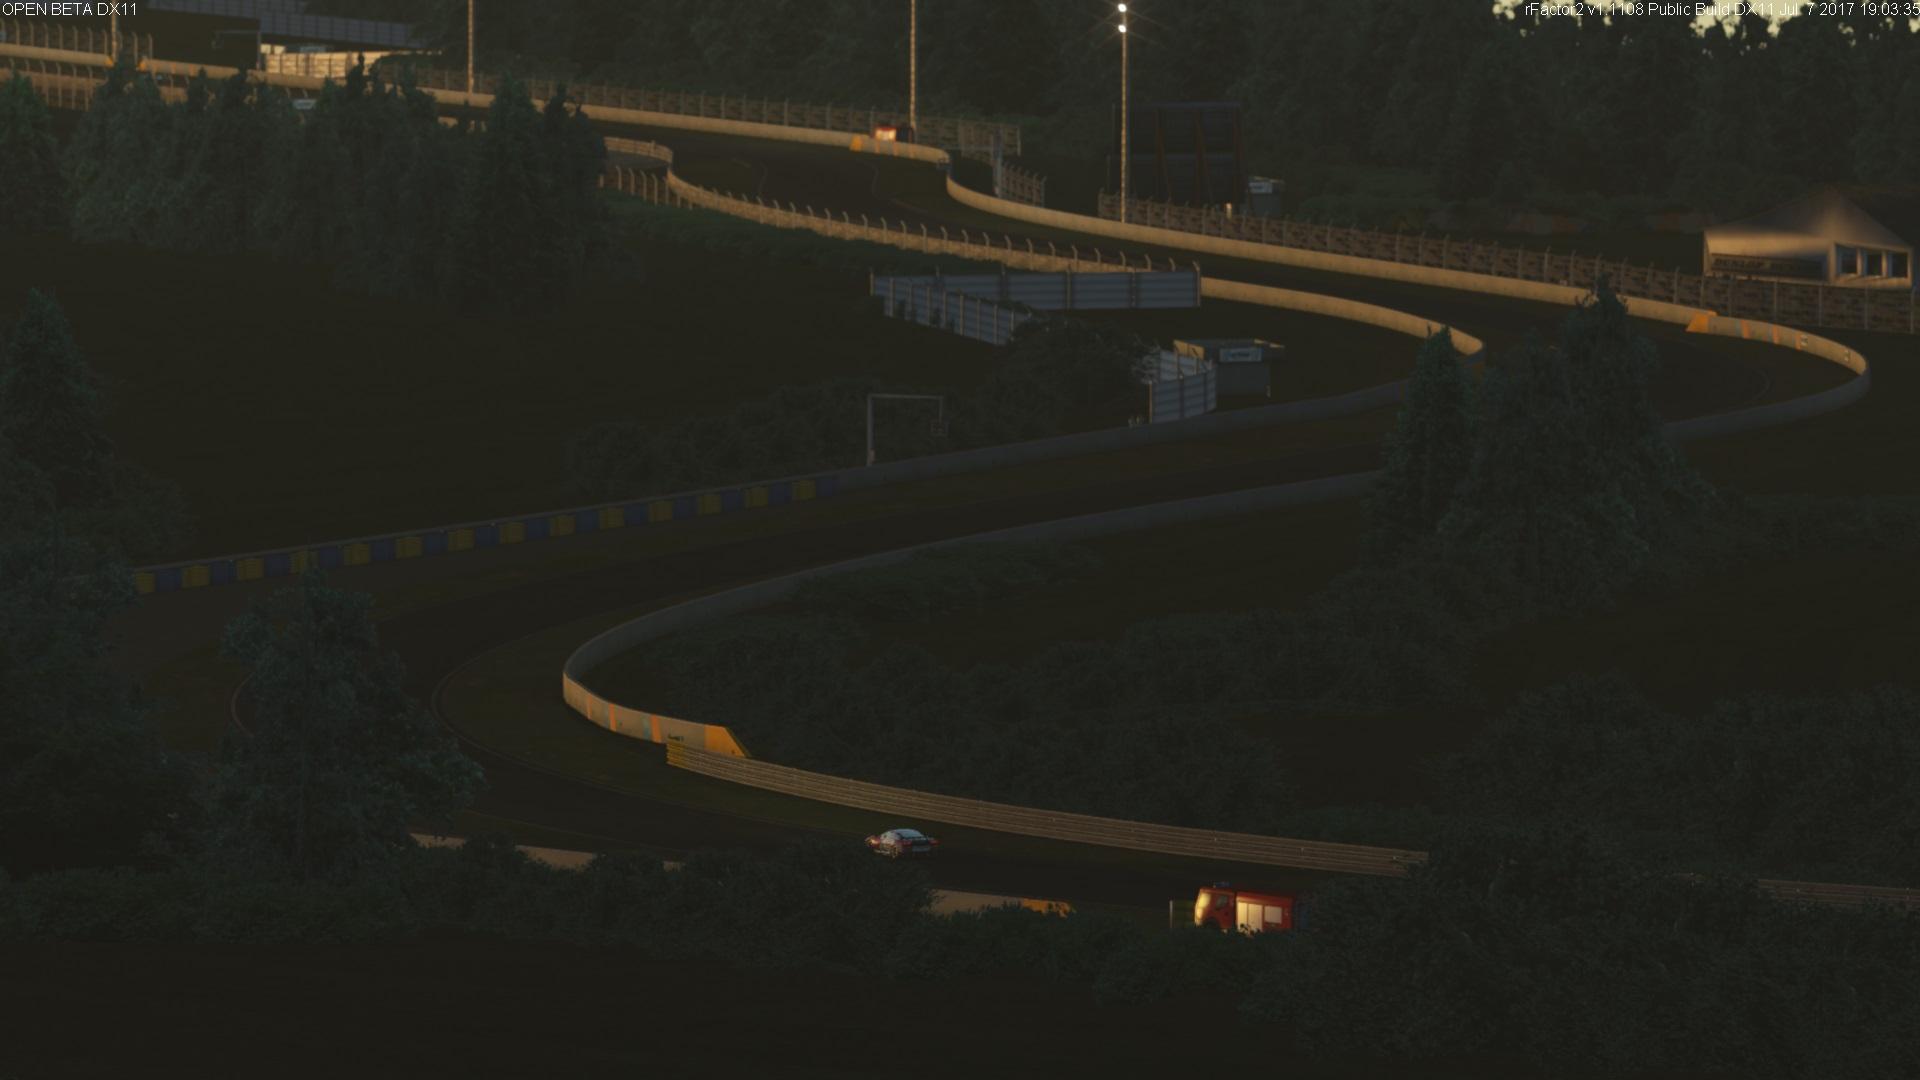 RDLMS Le Mans 24.jpg